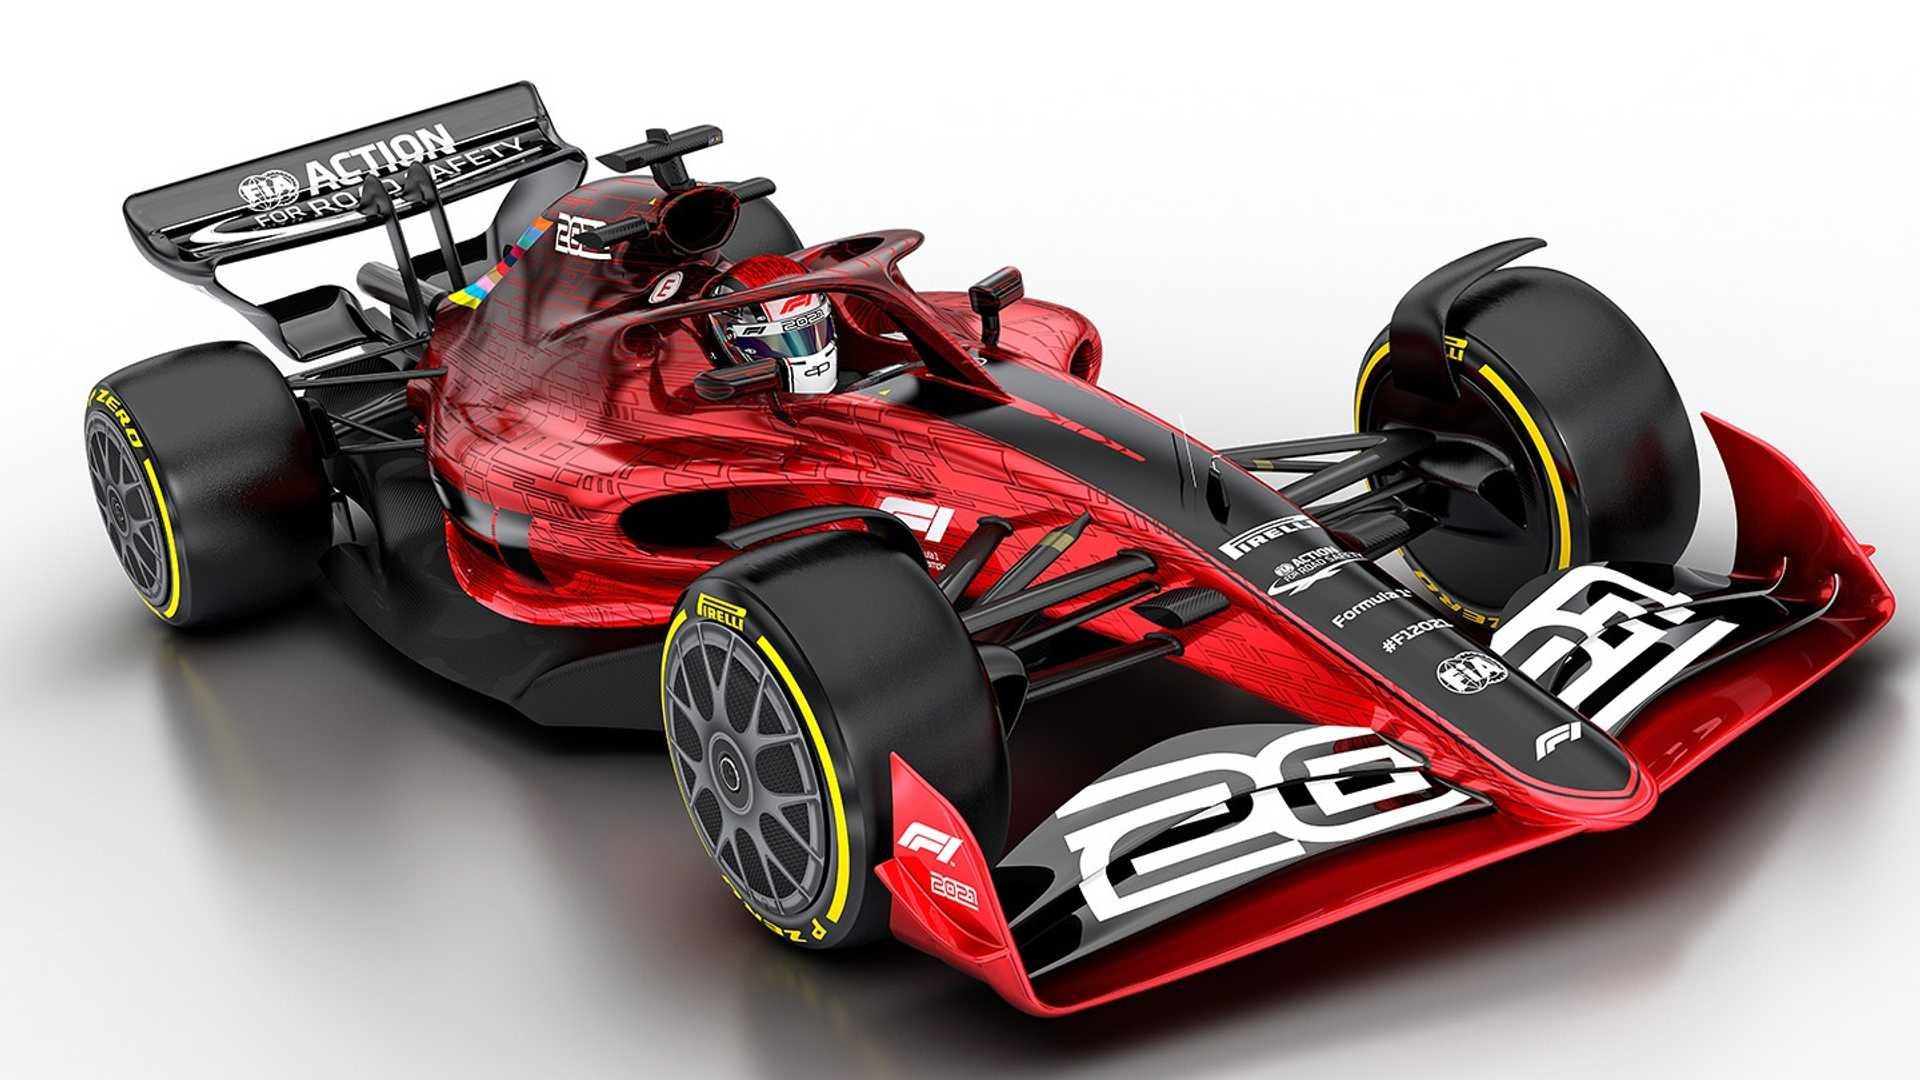 Formel 1 Wm 2021